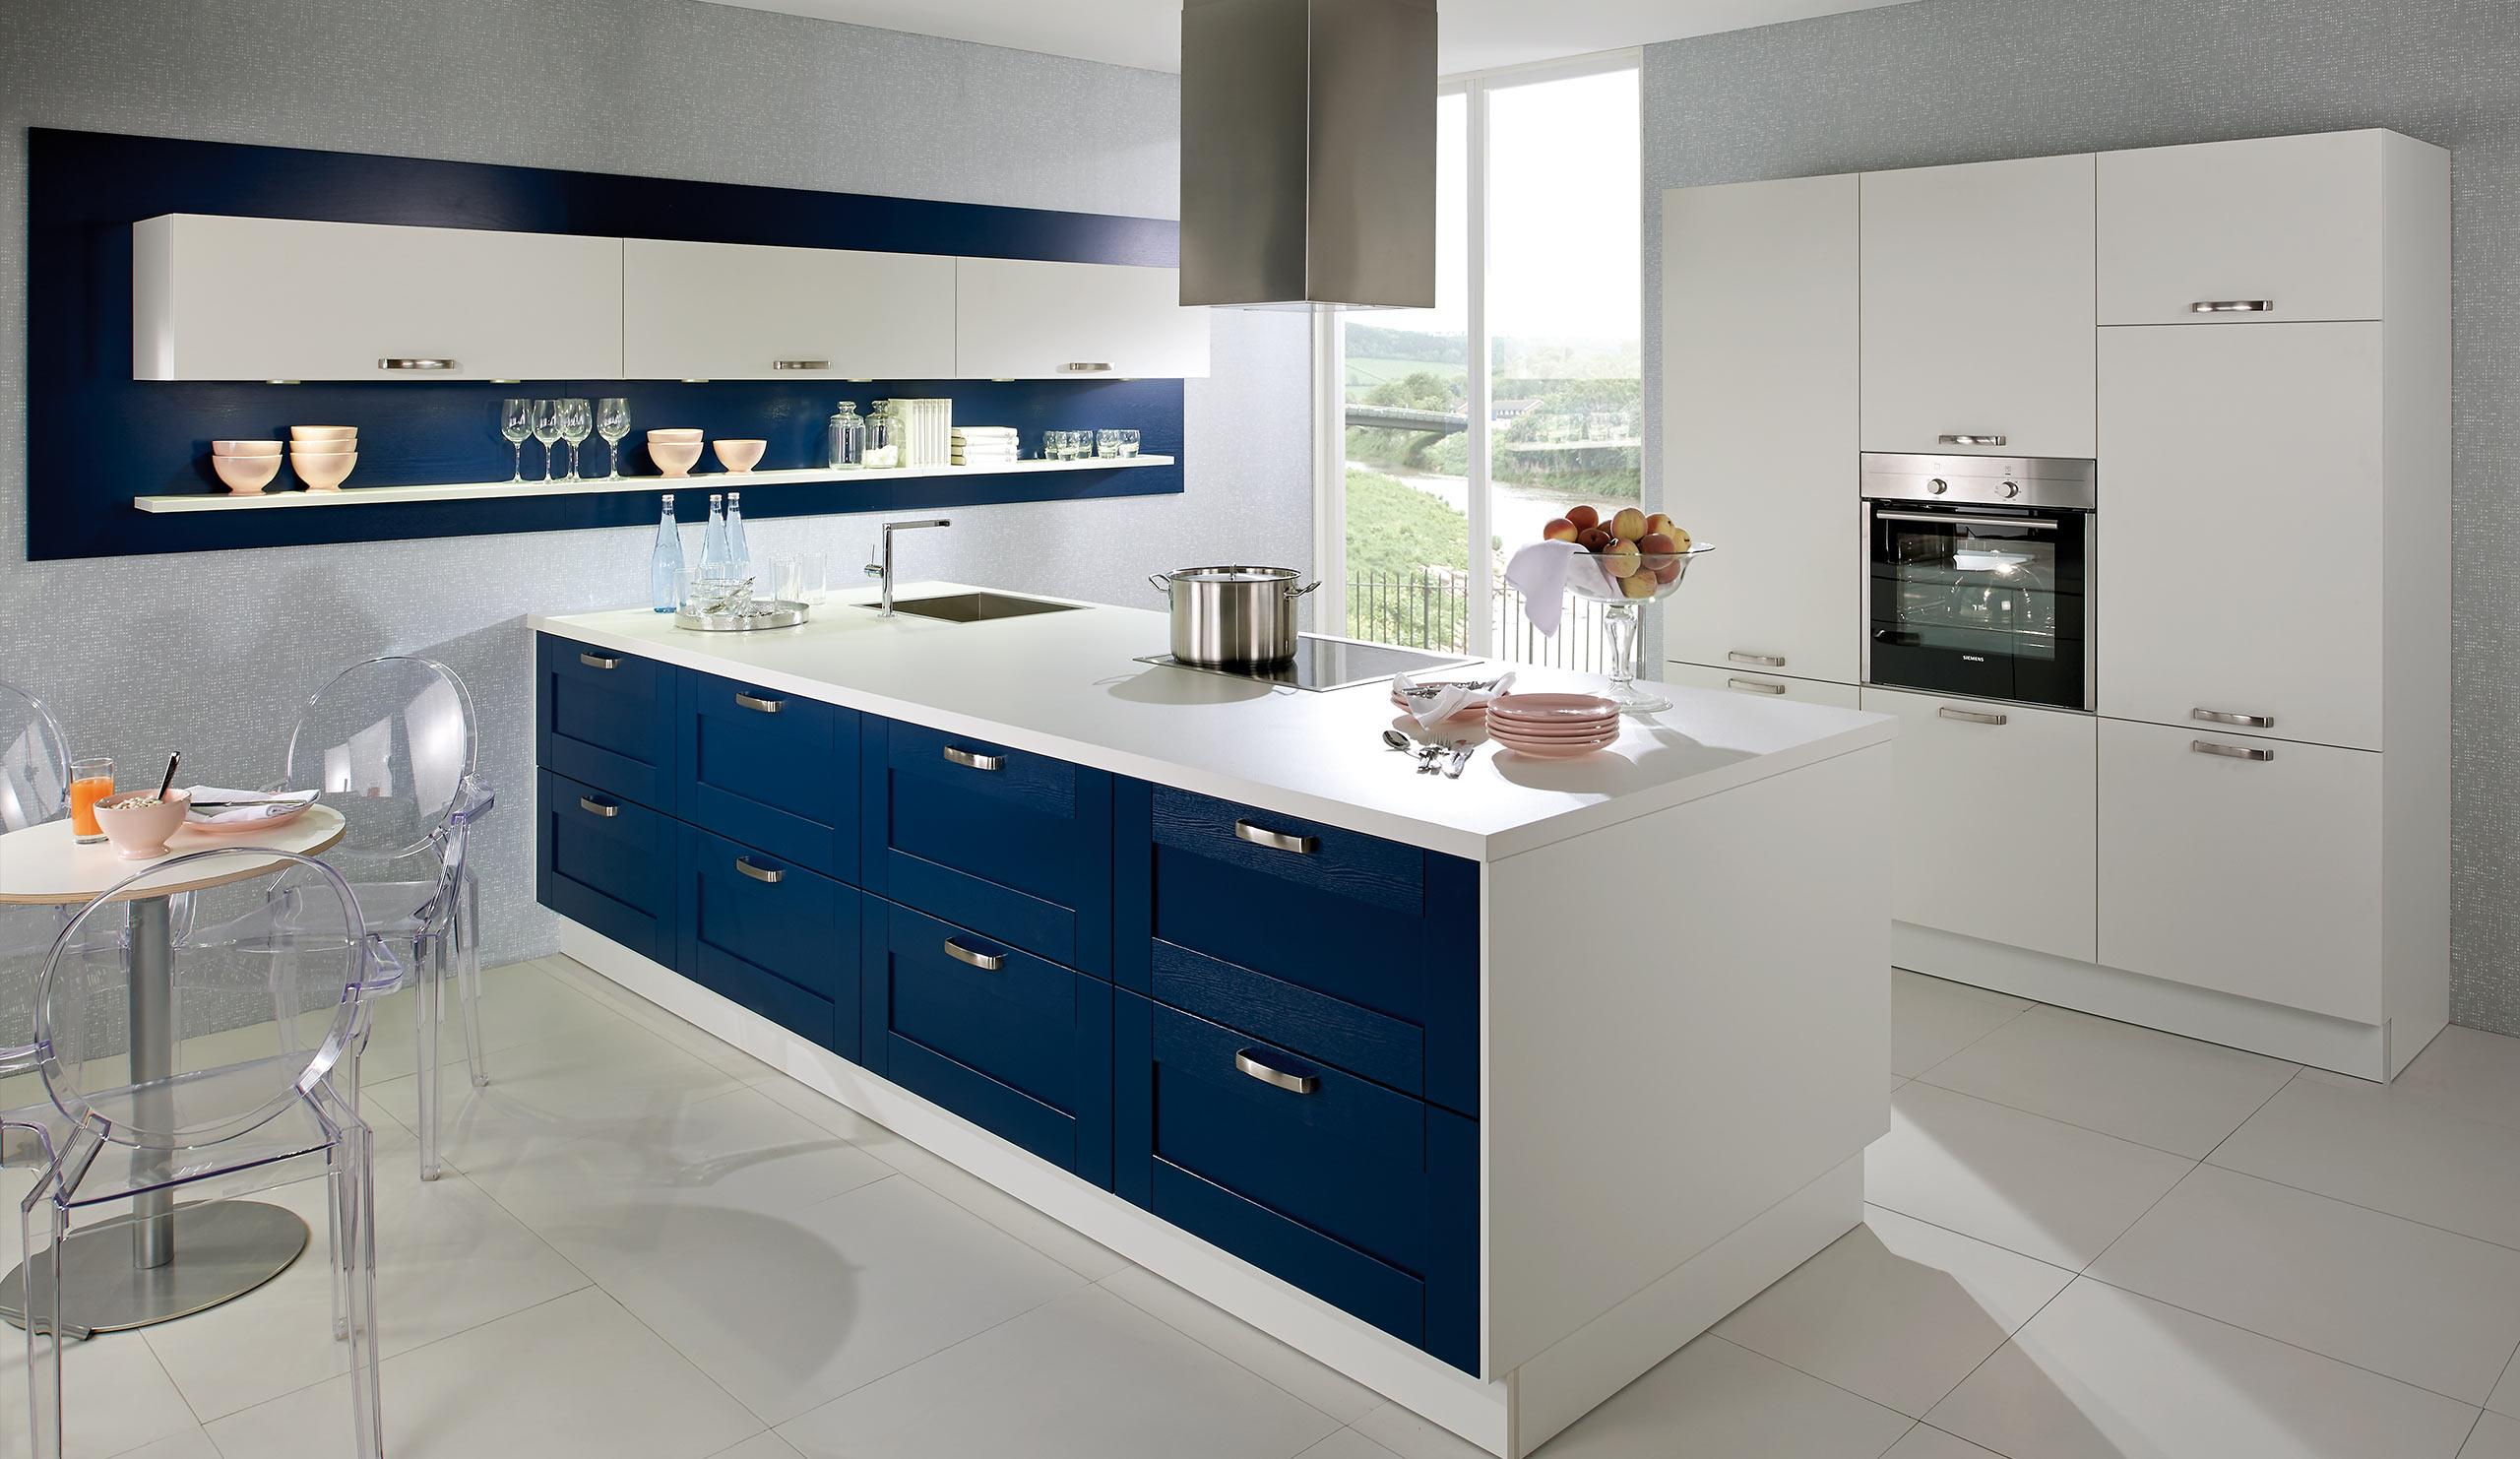 Full Size of Landhaus Einbaukche Classica 0100 Weiss 6610 Samtblau Kchenquelle Hängeregal Küche Wohnzimmer Hängeregal Kücheninsel